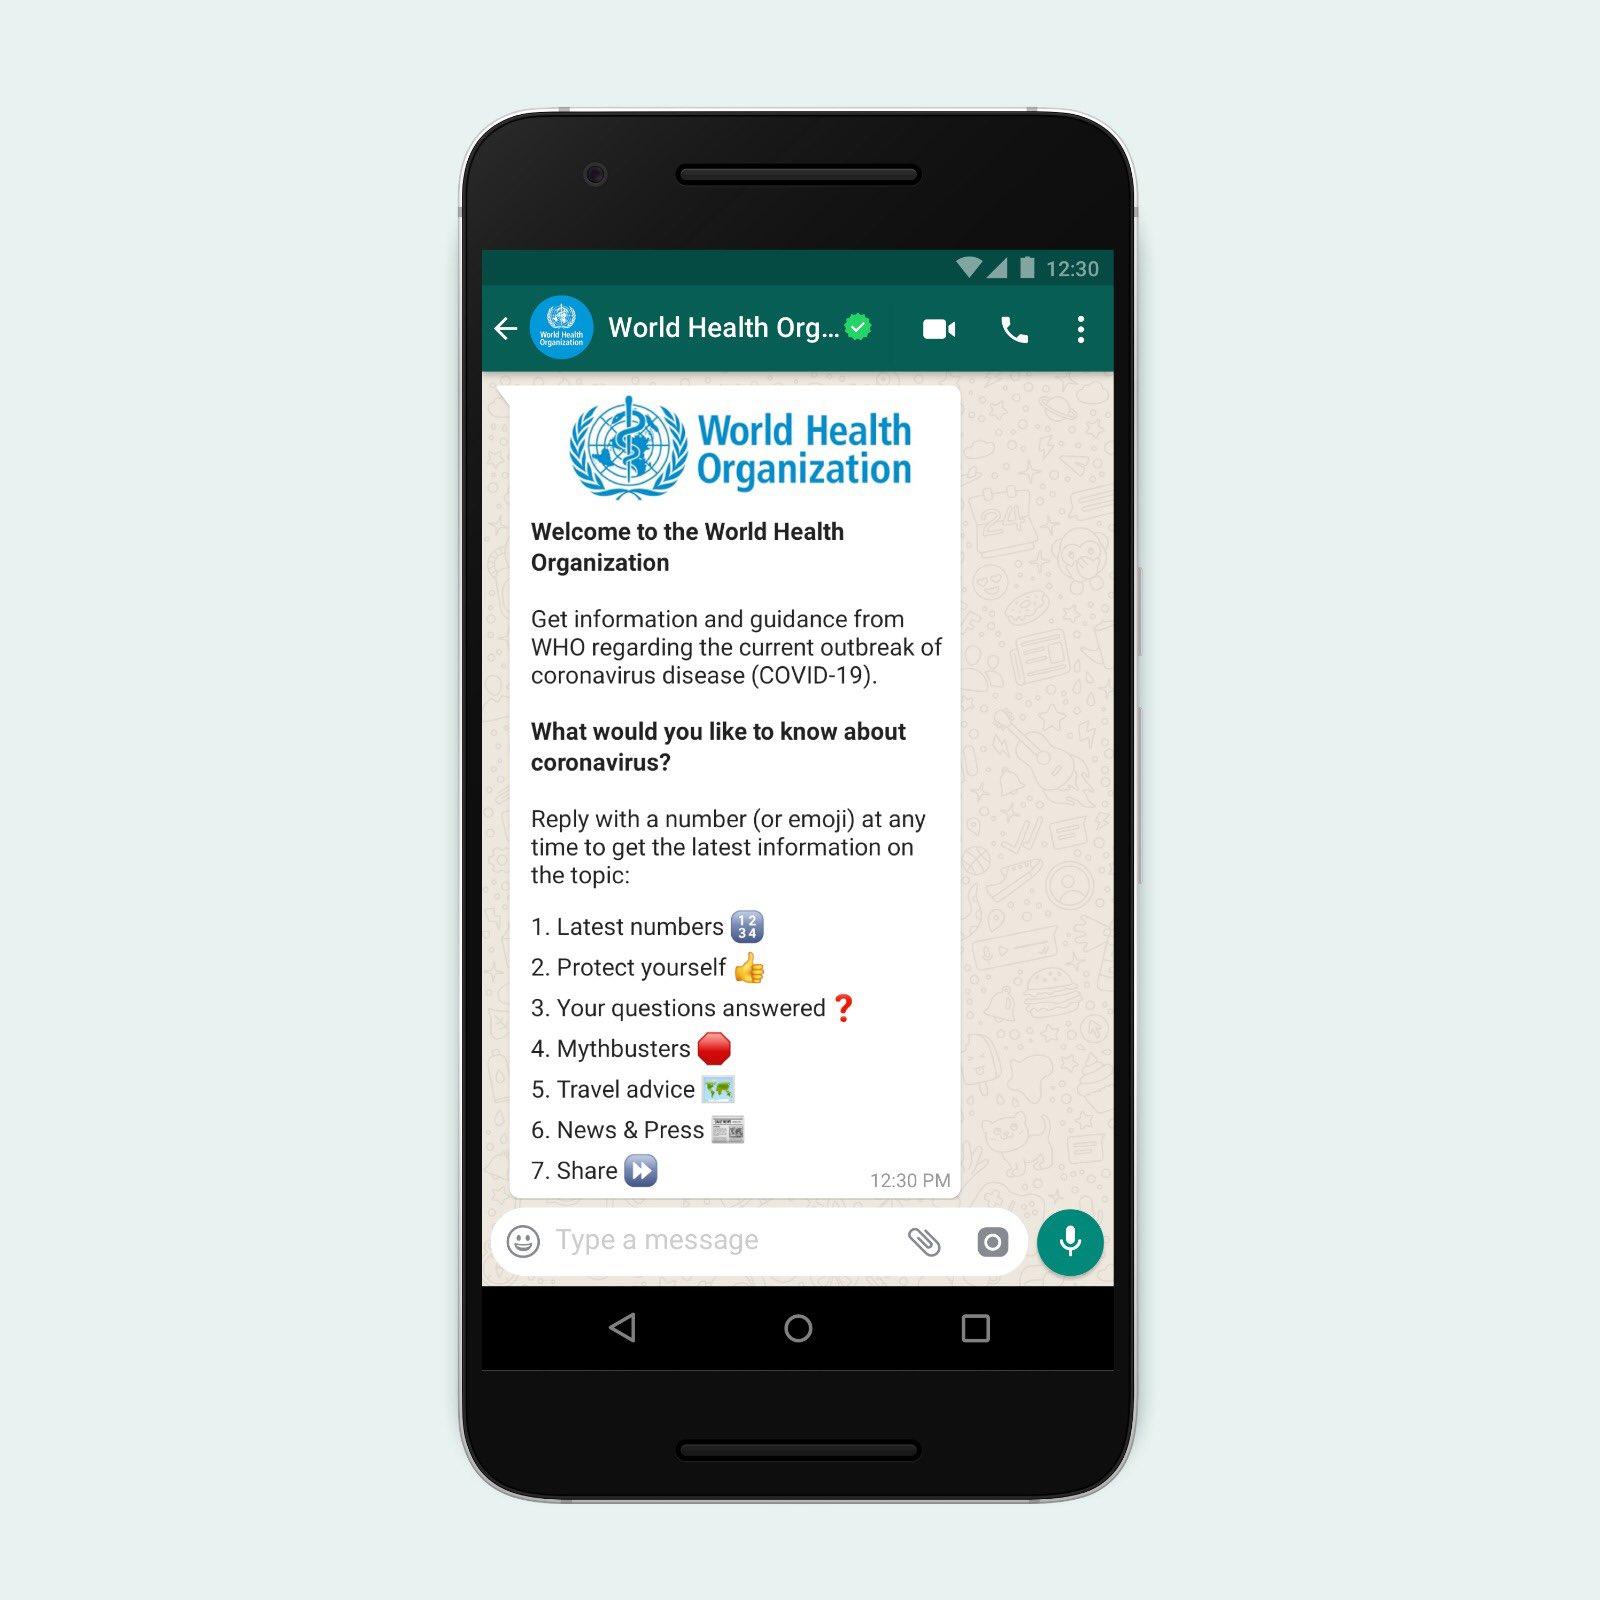 تطبيق واتساب يُضيف ميزتين لمكافحة المعلومات الخاطئة عن فيروس كورونا